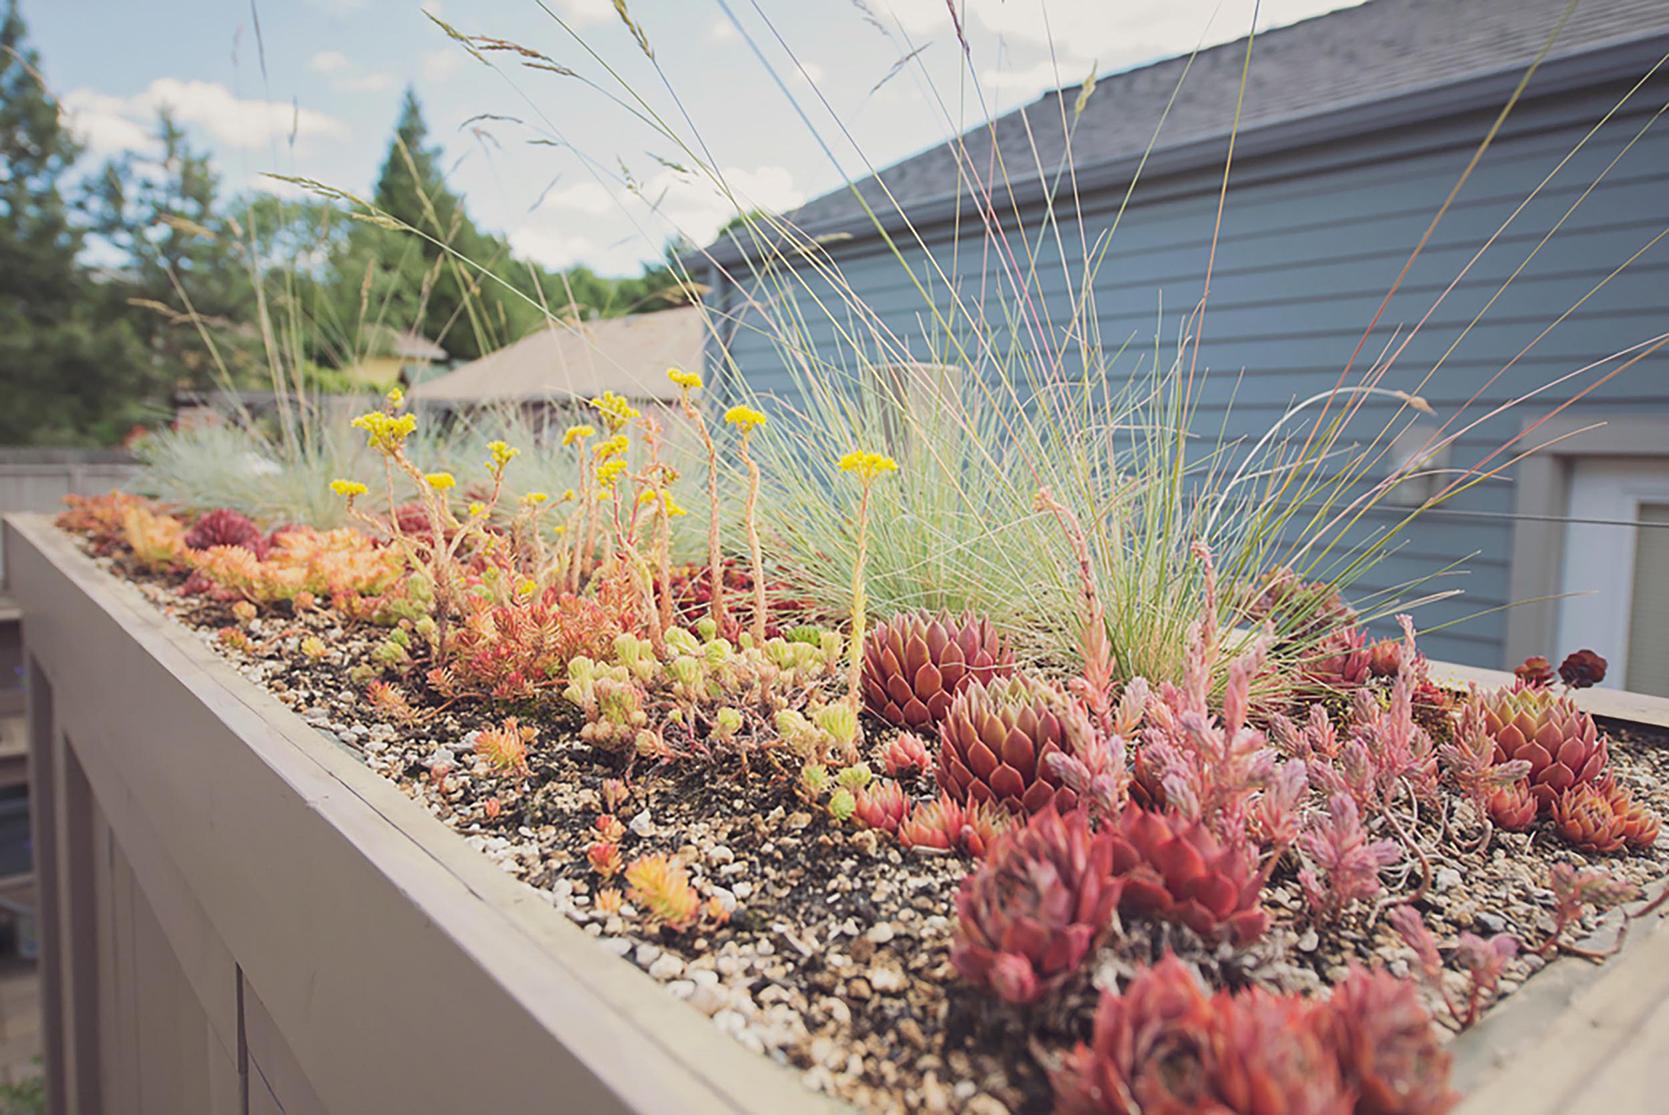 green roof succulents + shed + drought tolerant + sedum